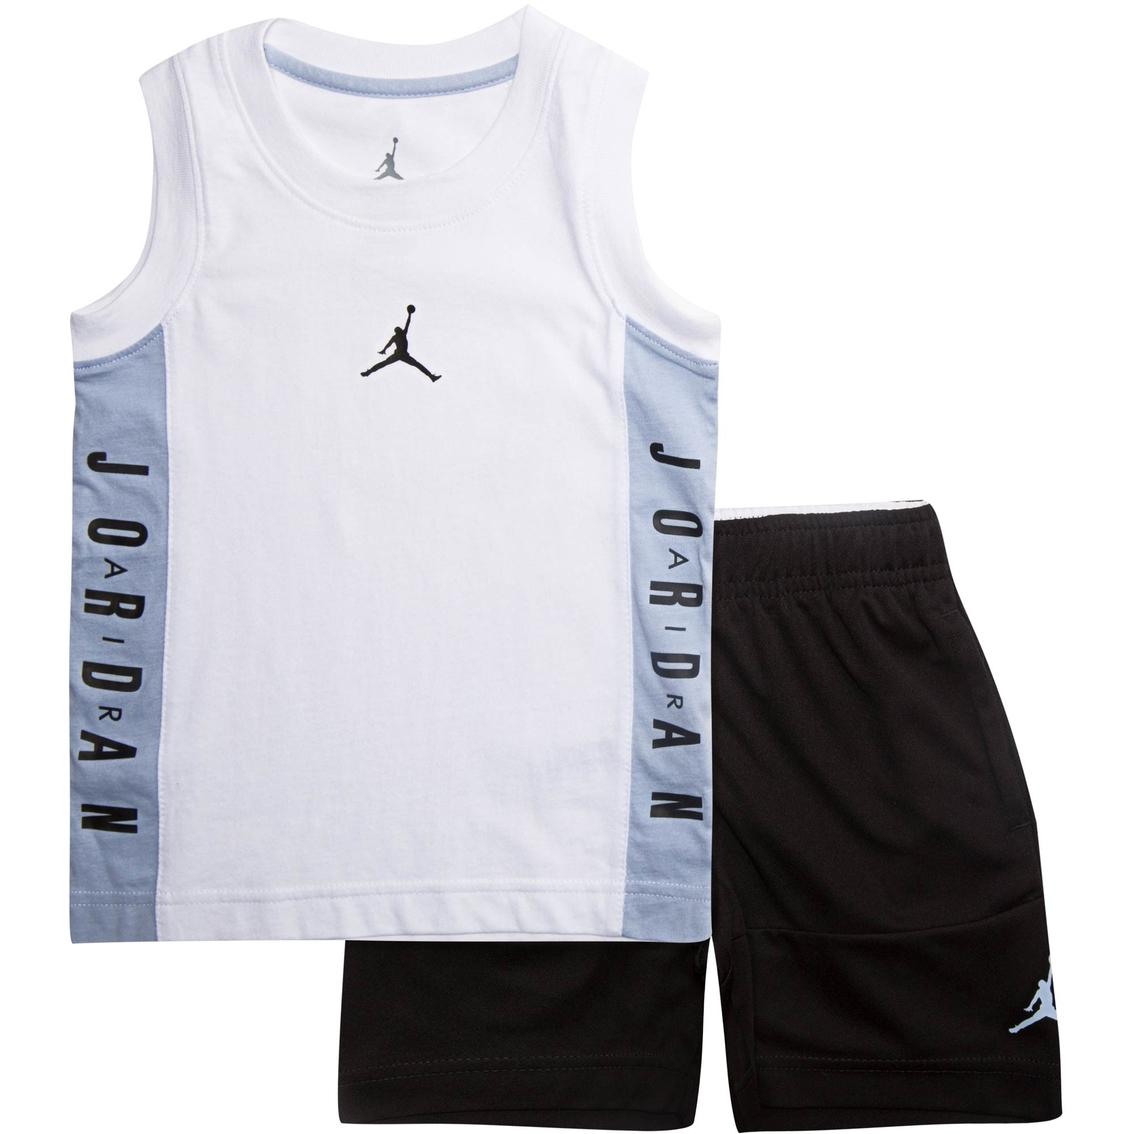 70b1425b3aab03 Jordan Toddler Boys Air Jordan 23 Rise Basketball Set